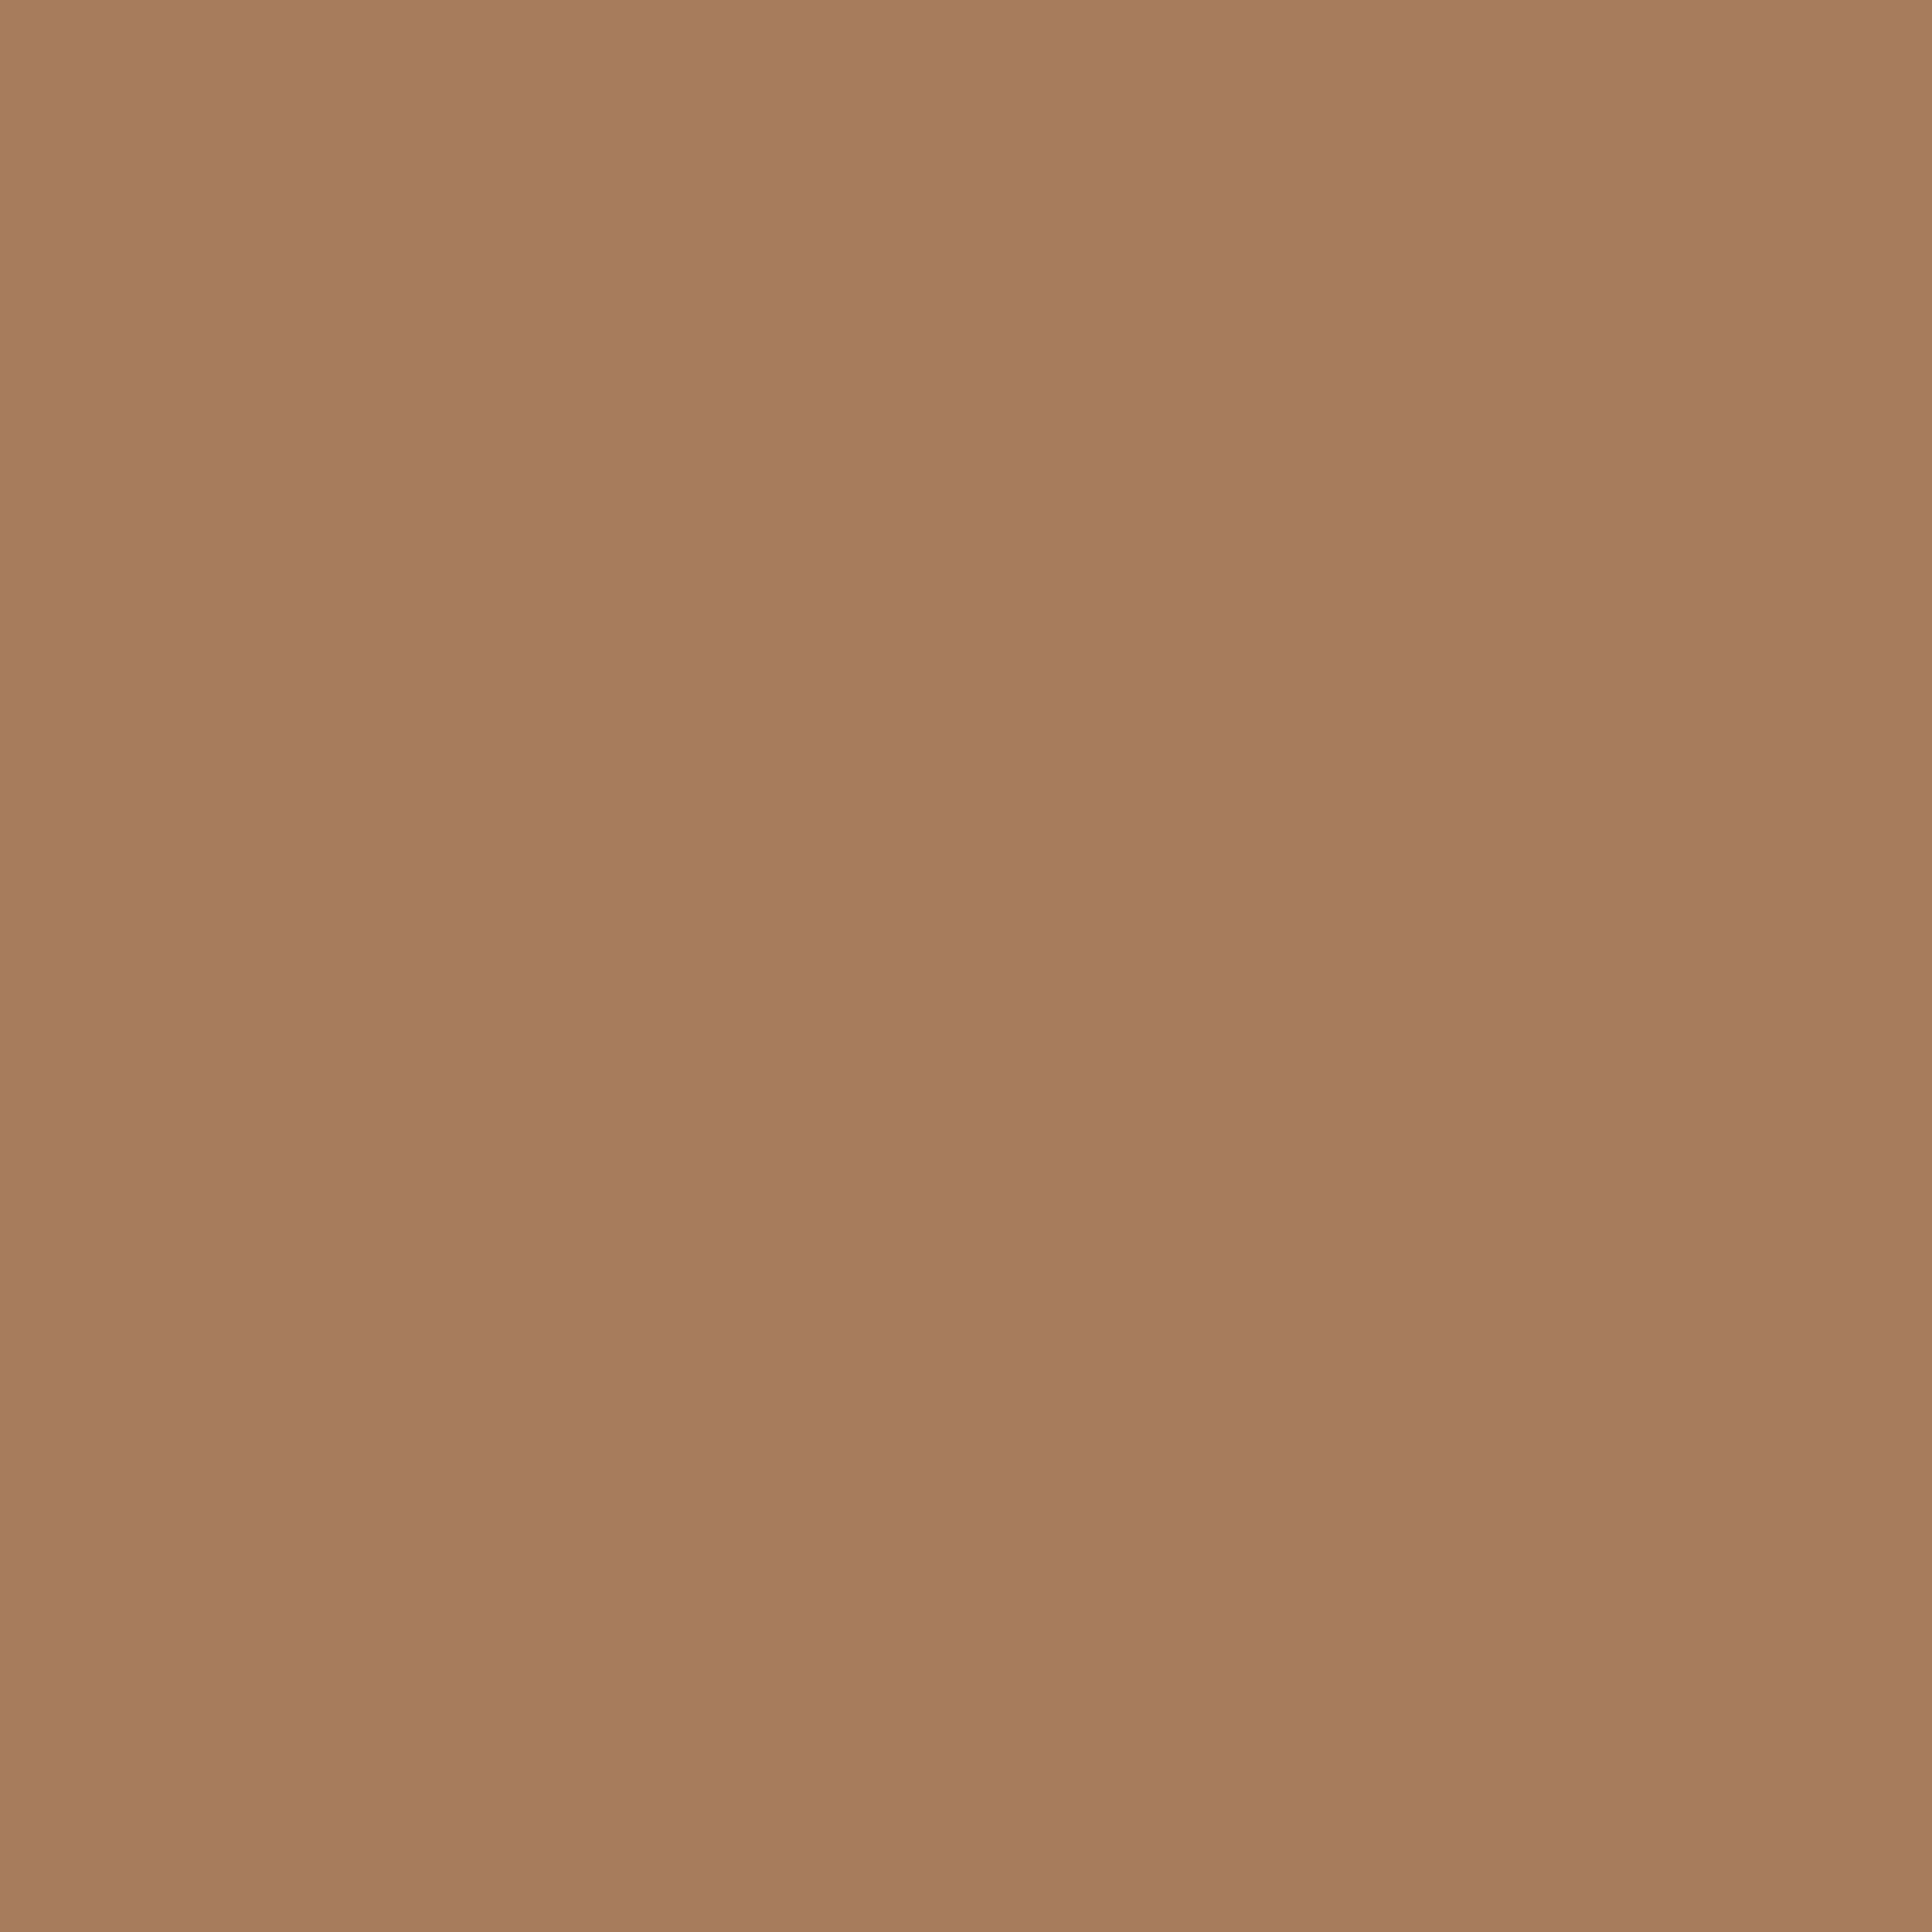 3600x3600 Cafe Au Lait Solid Color Background